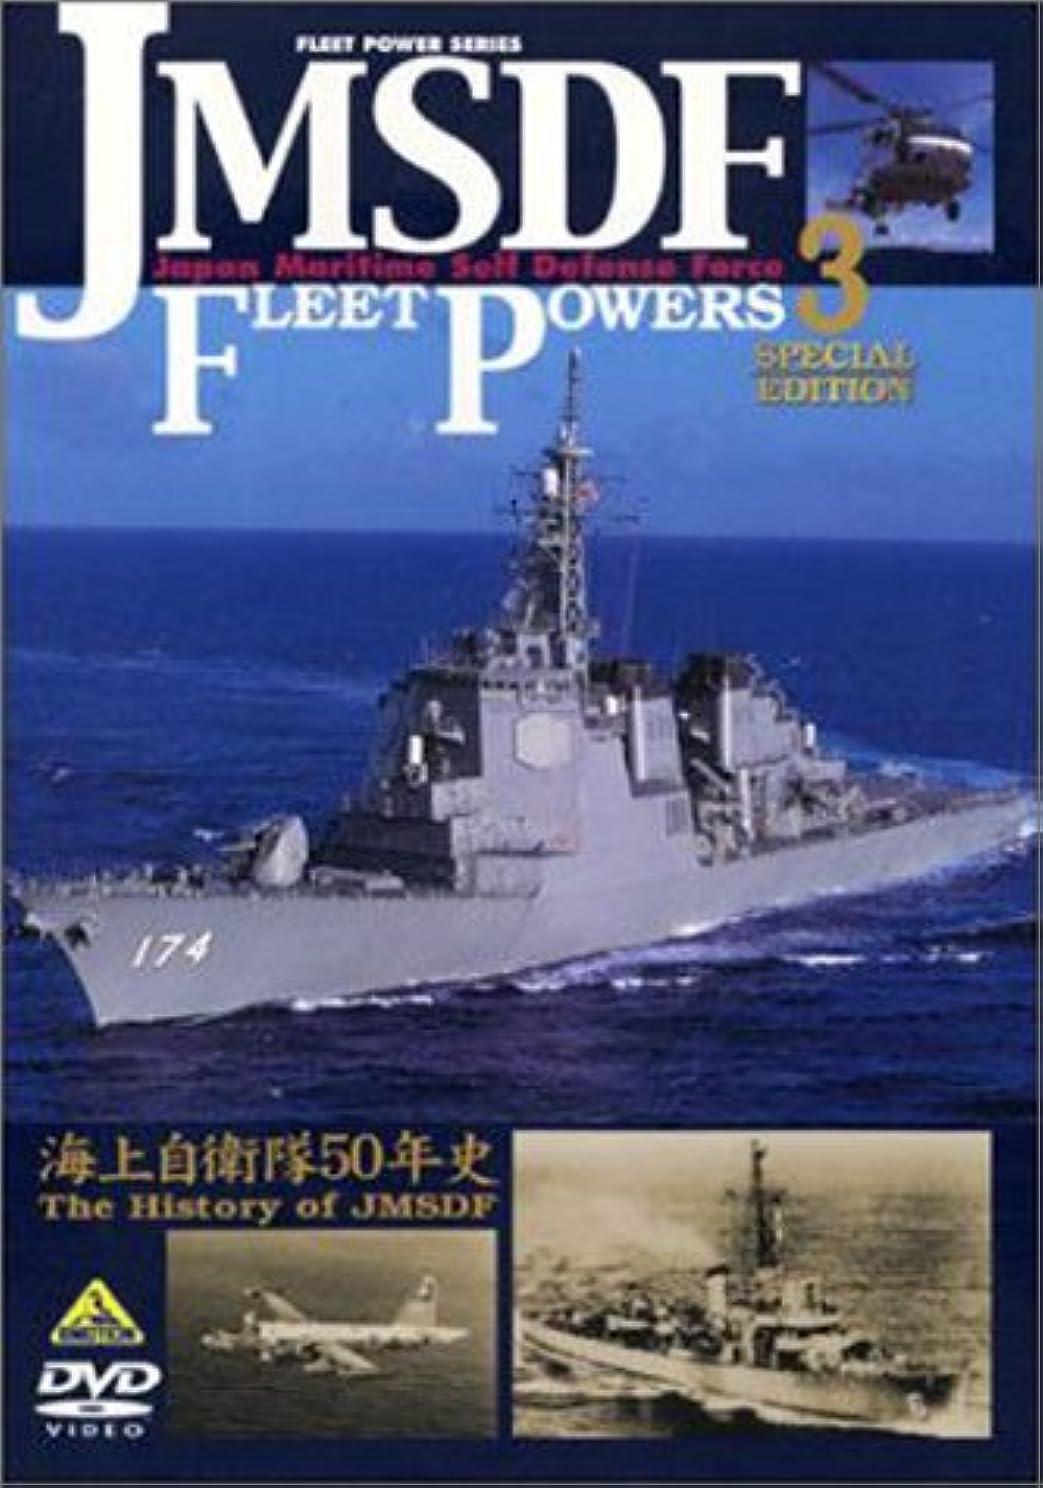 一般敬礼原子炉JMSDF FLEET POWERS3-The History of JMSDF-/海上自衛隊の防衛力3-海上自衛隊50年史- [DVD]